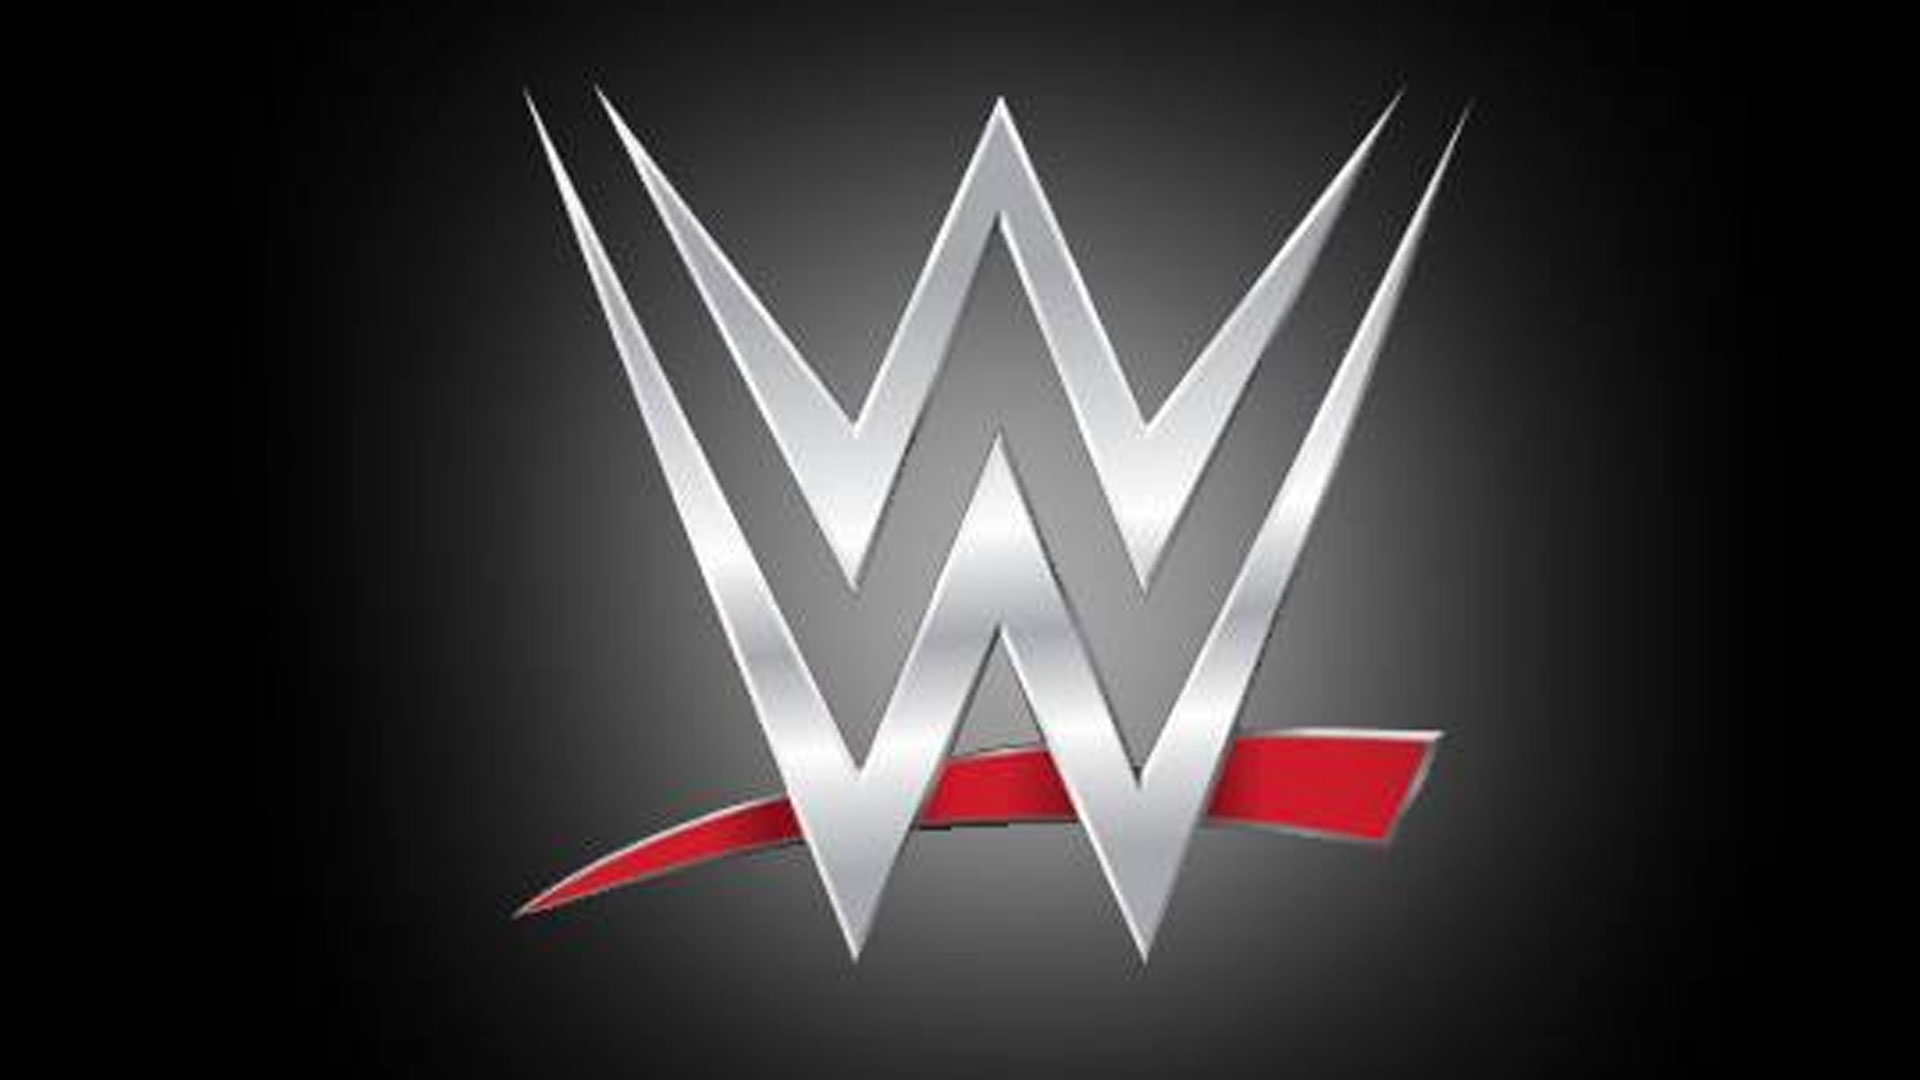 WWE NEWS: क्रिसमस के मौके पर कम्पनी करा रही है जबरदस्ती रेस्लरो से लाइव इवेंट इसी बीच माँ को याद कर भावुक हुआ यह दिग्गज रेस्लर 15